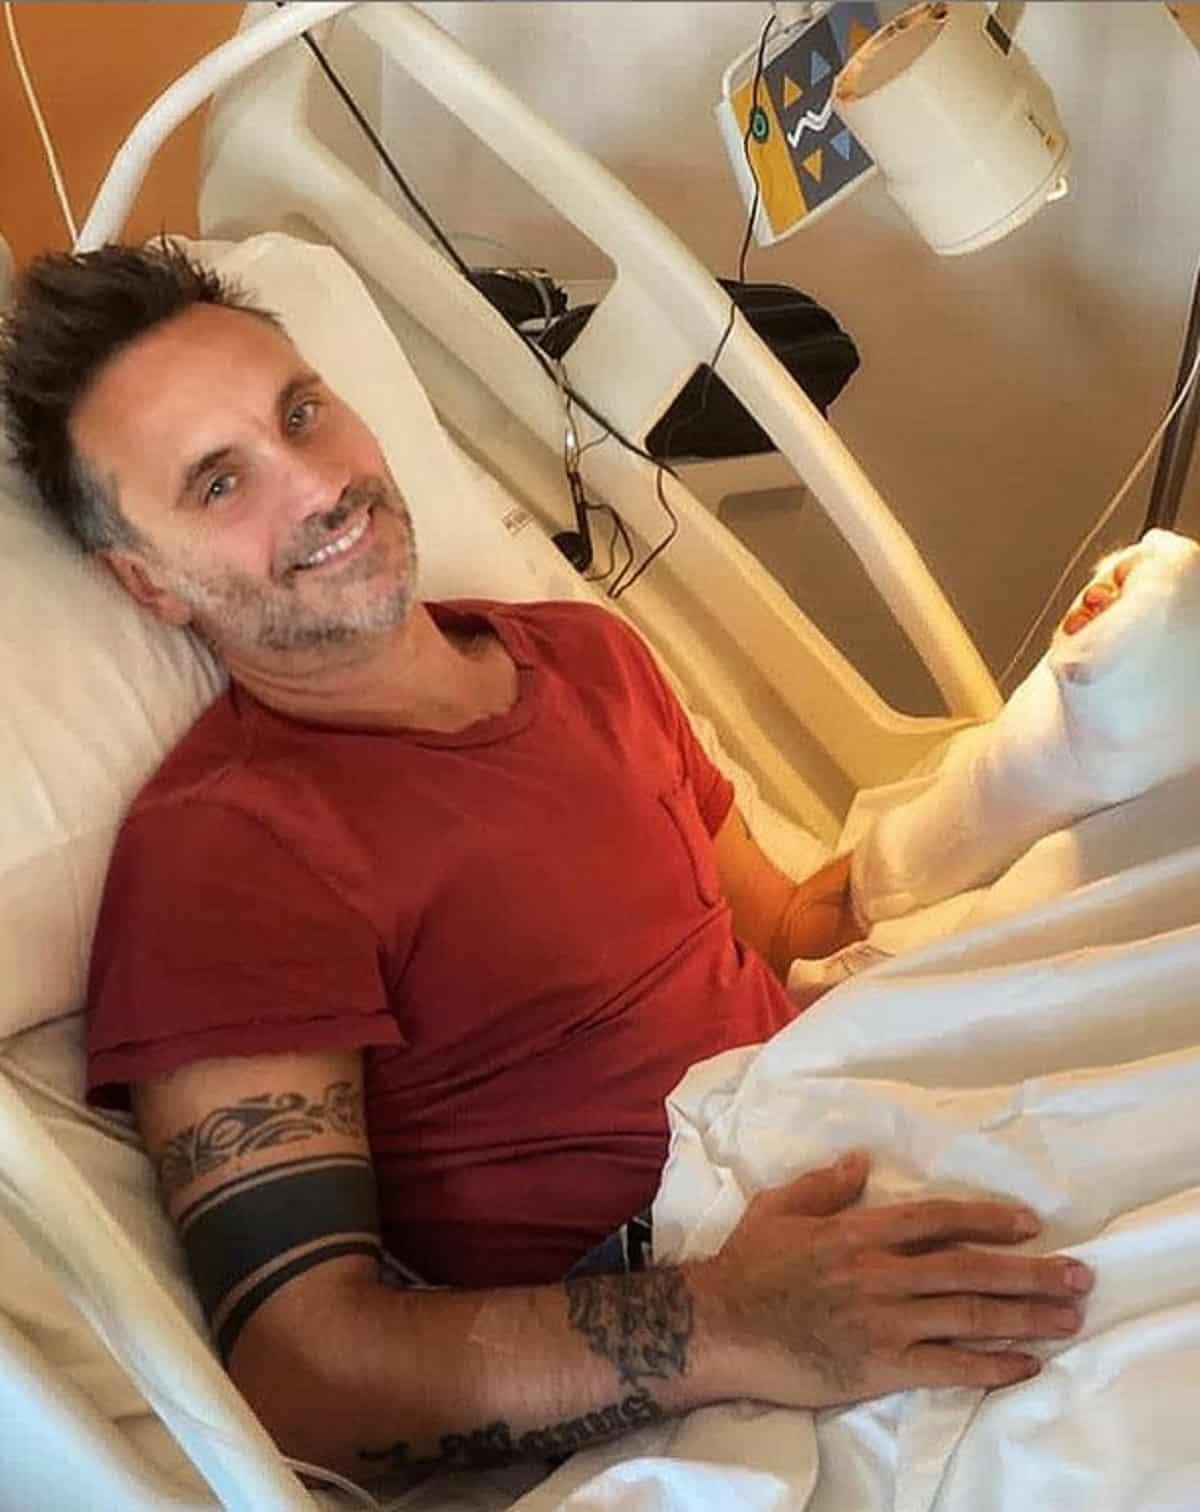 Nek in ospedale: operato dopo un brutto incidente domestico, come sta